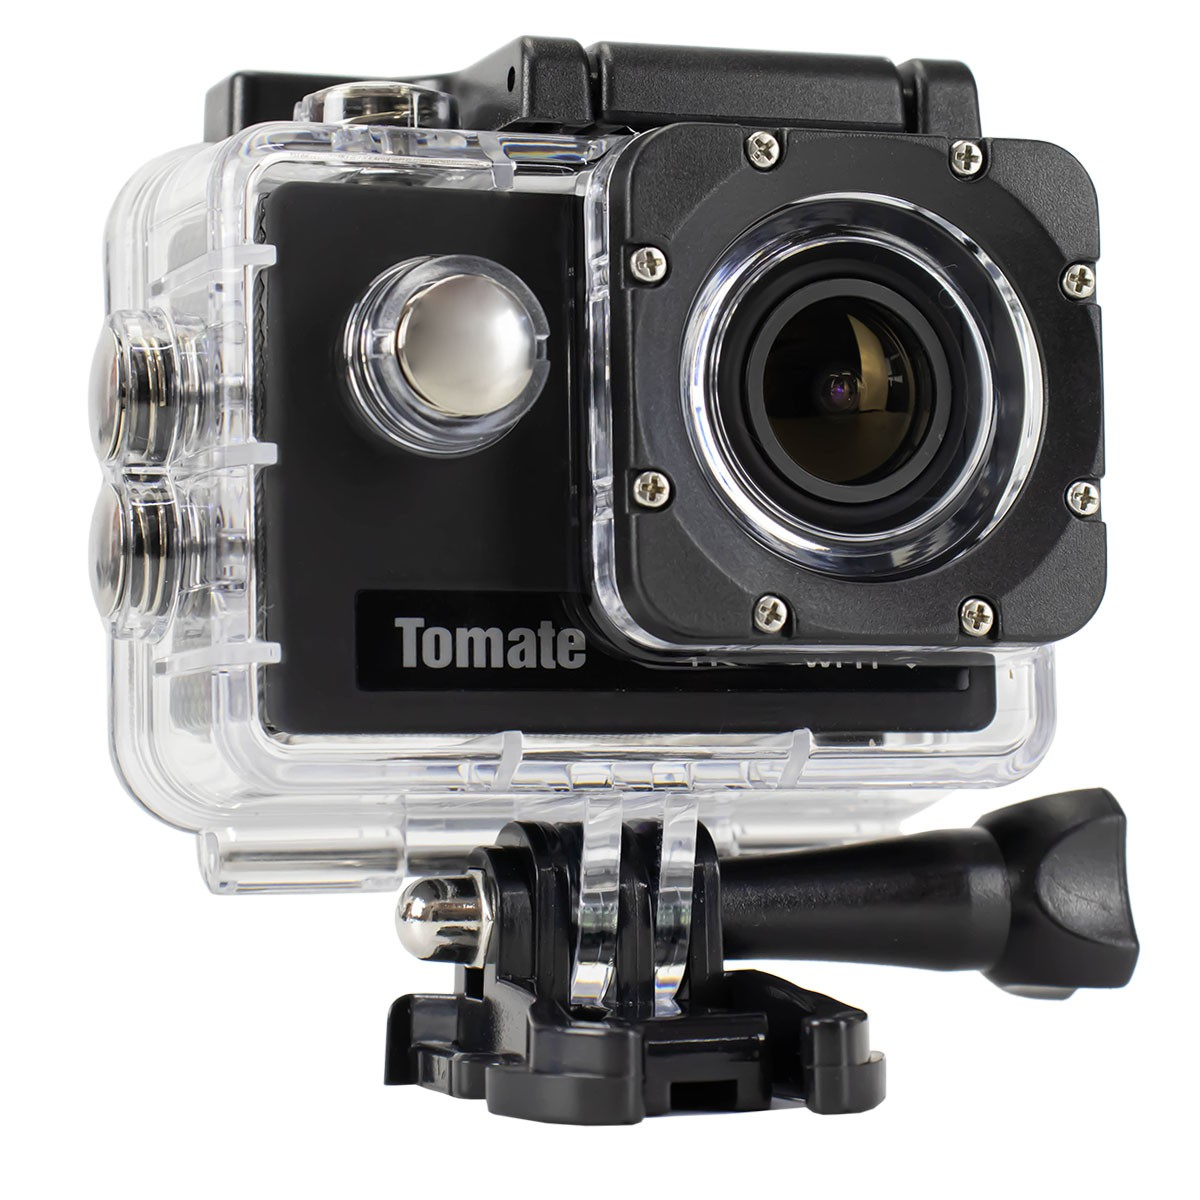 Câmera de Vídeo Profissional de Ação HD 4K, Wi-Fi e Case à Prova D'Água Tomate MT-1091K